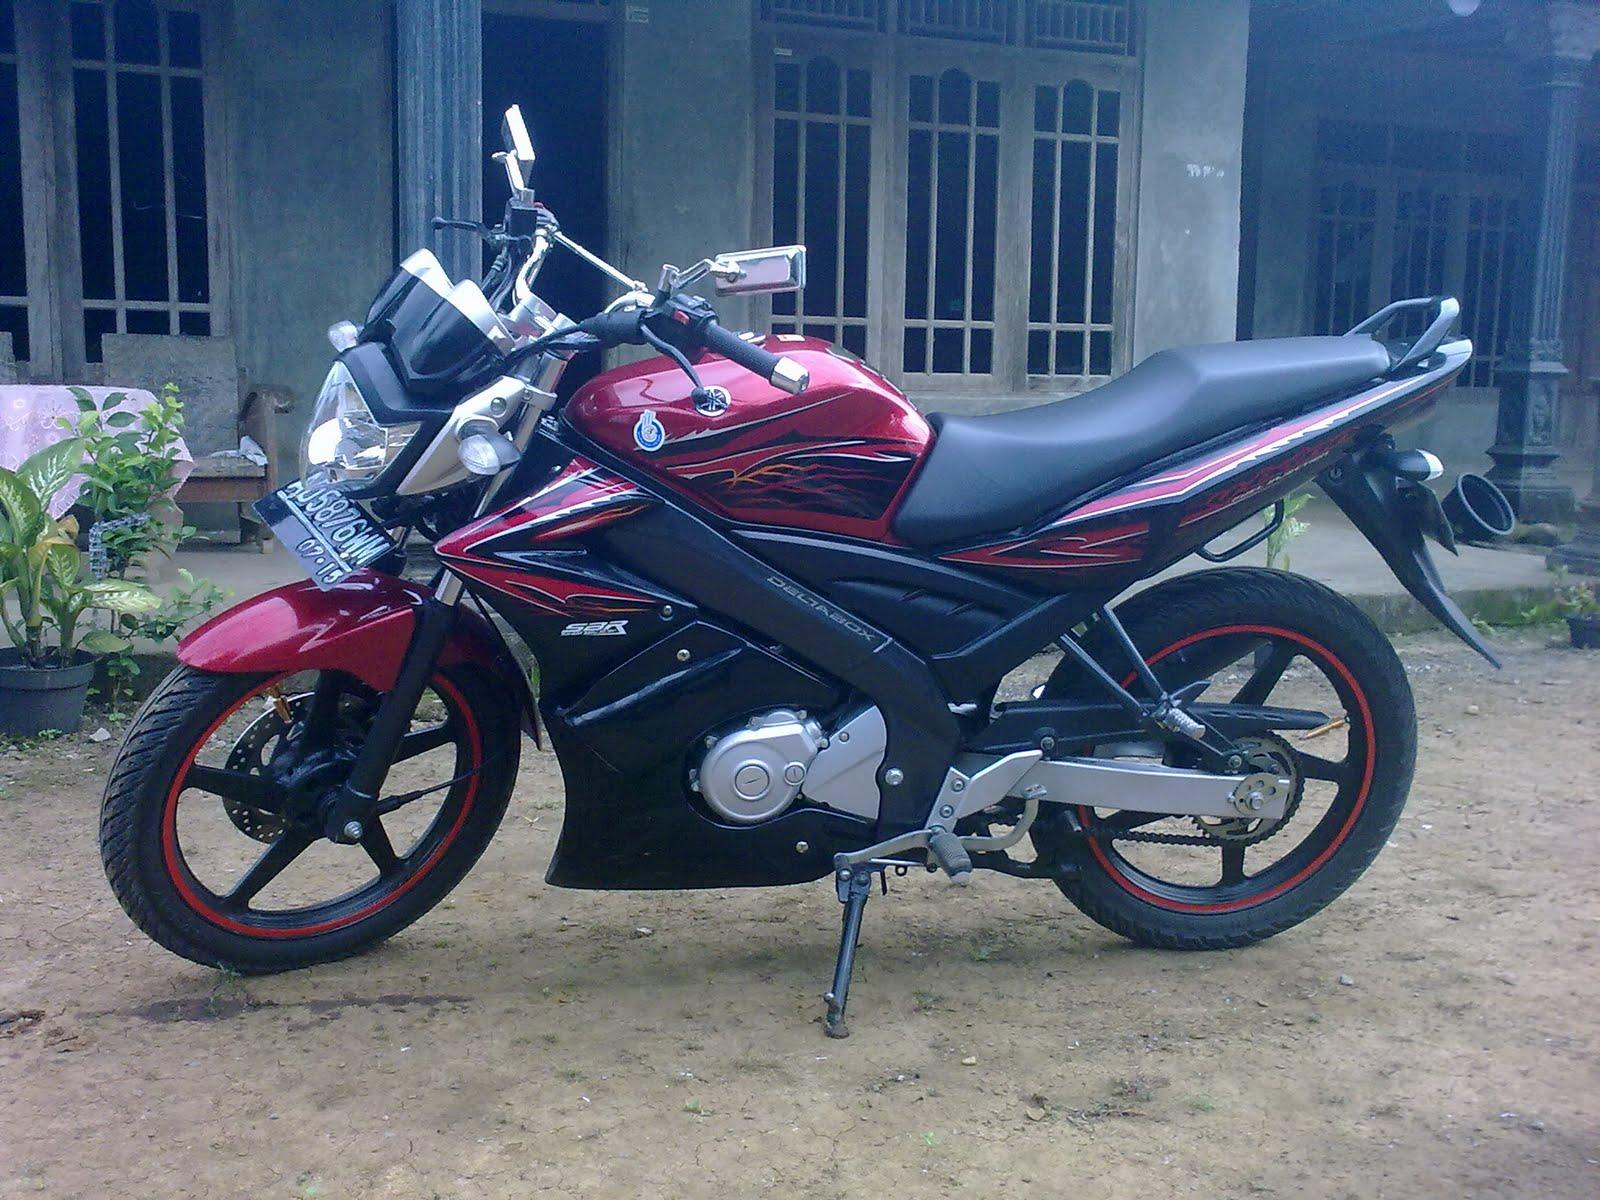 Modif Yamaha Vixion Bandung